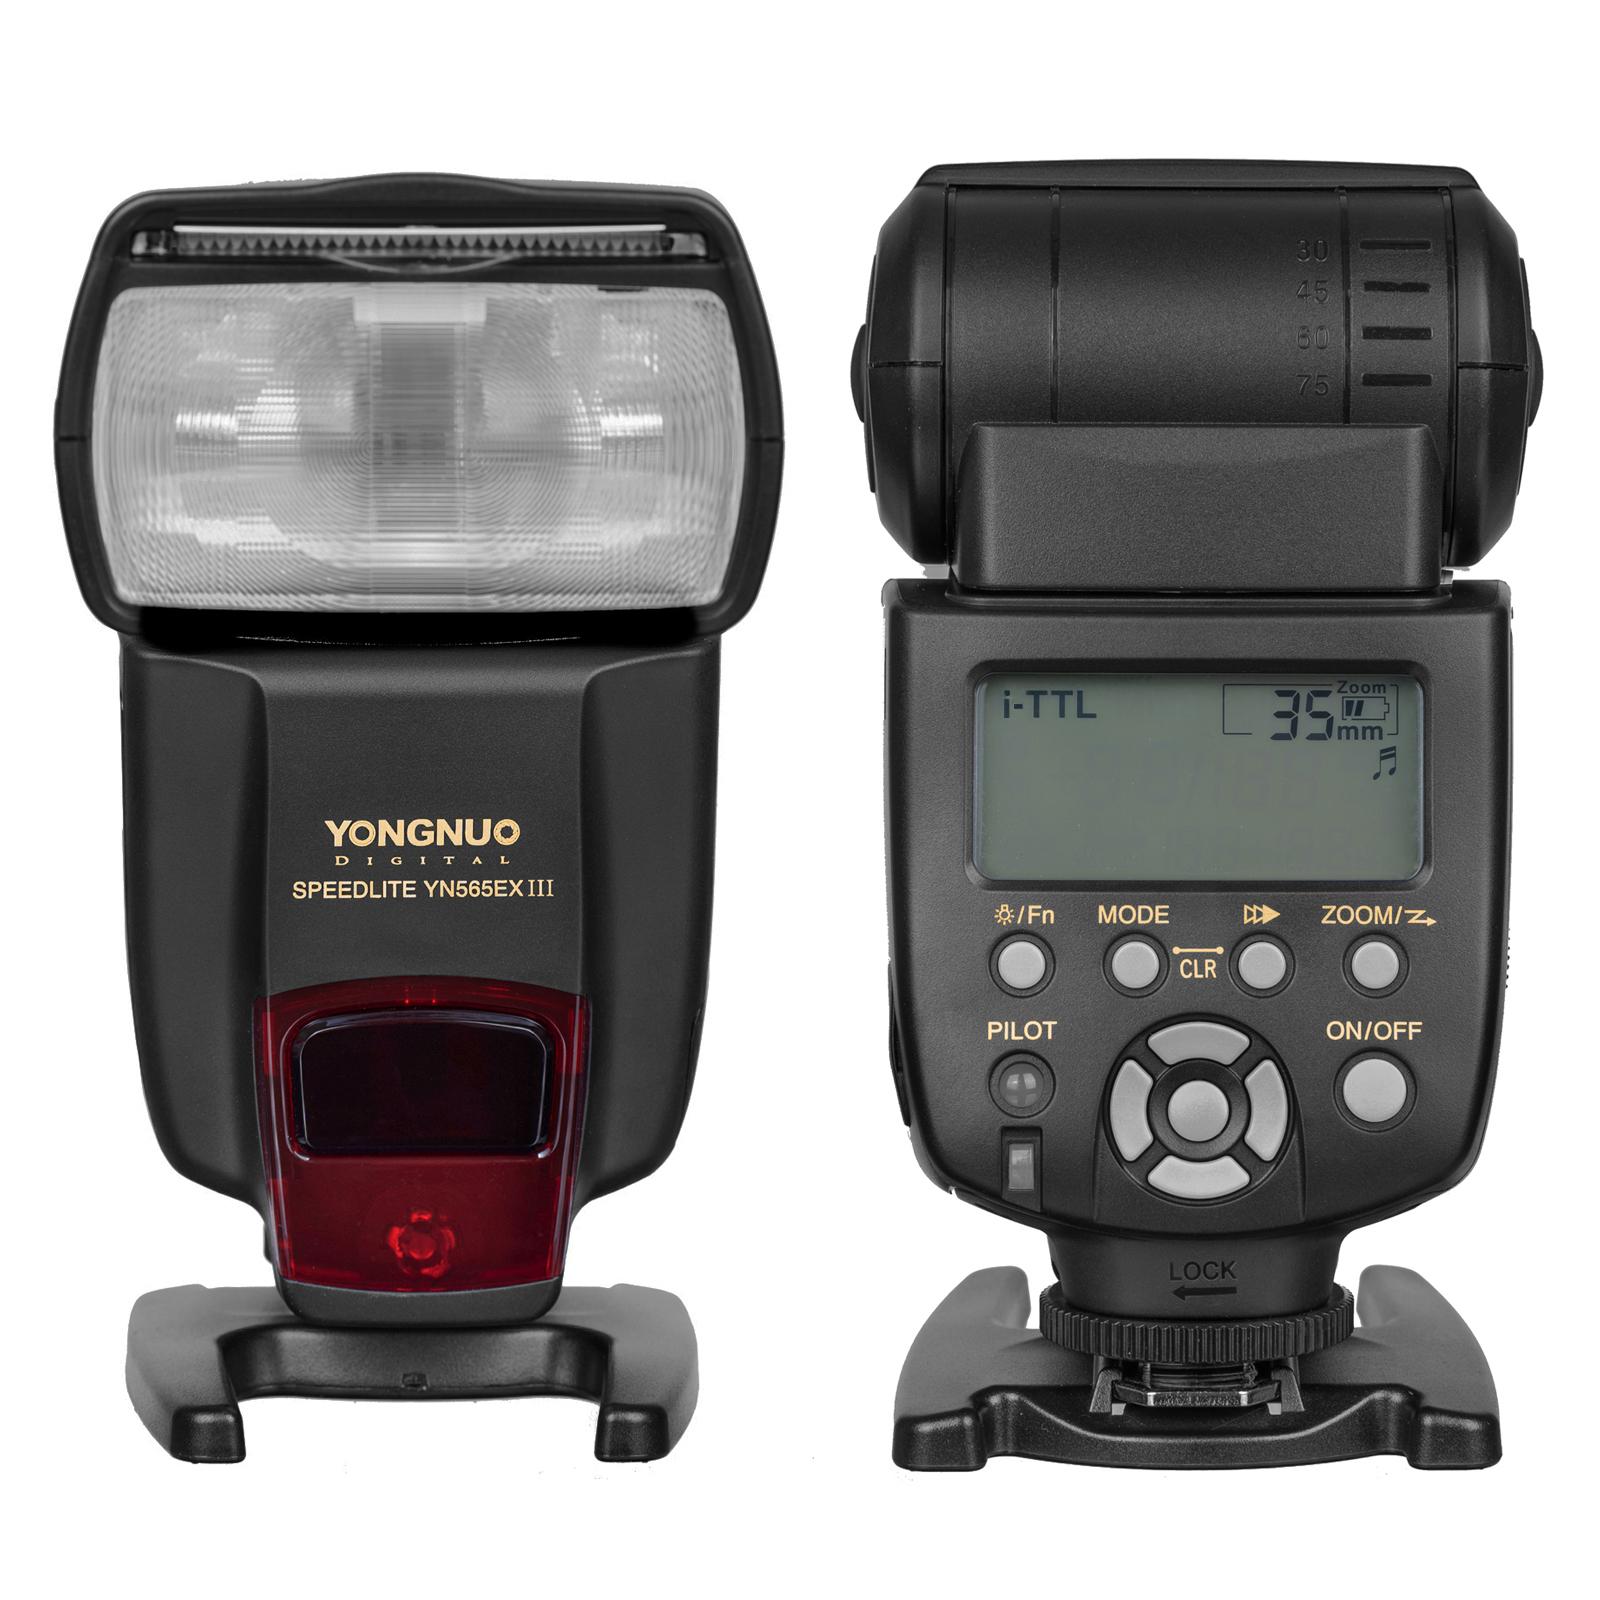 Externí blesk YONGNUO YN565EX-III Speedlite, GN58, TTL Nikon